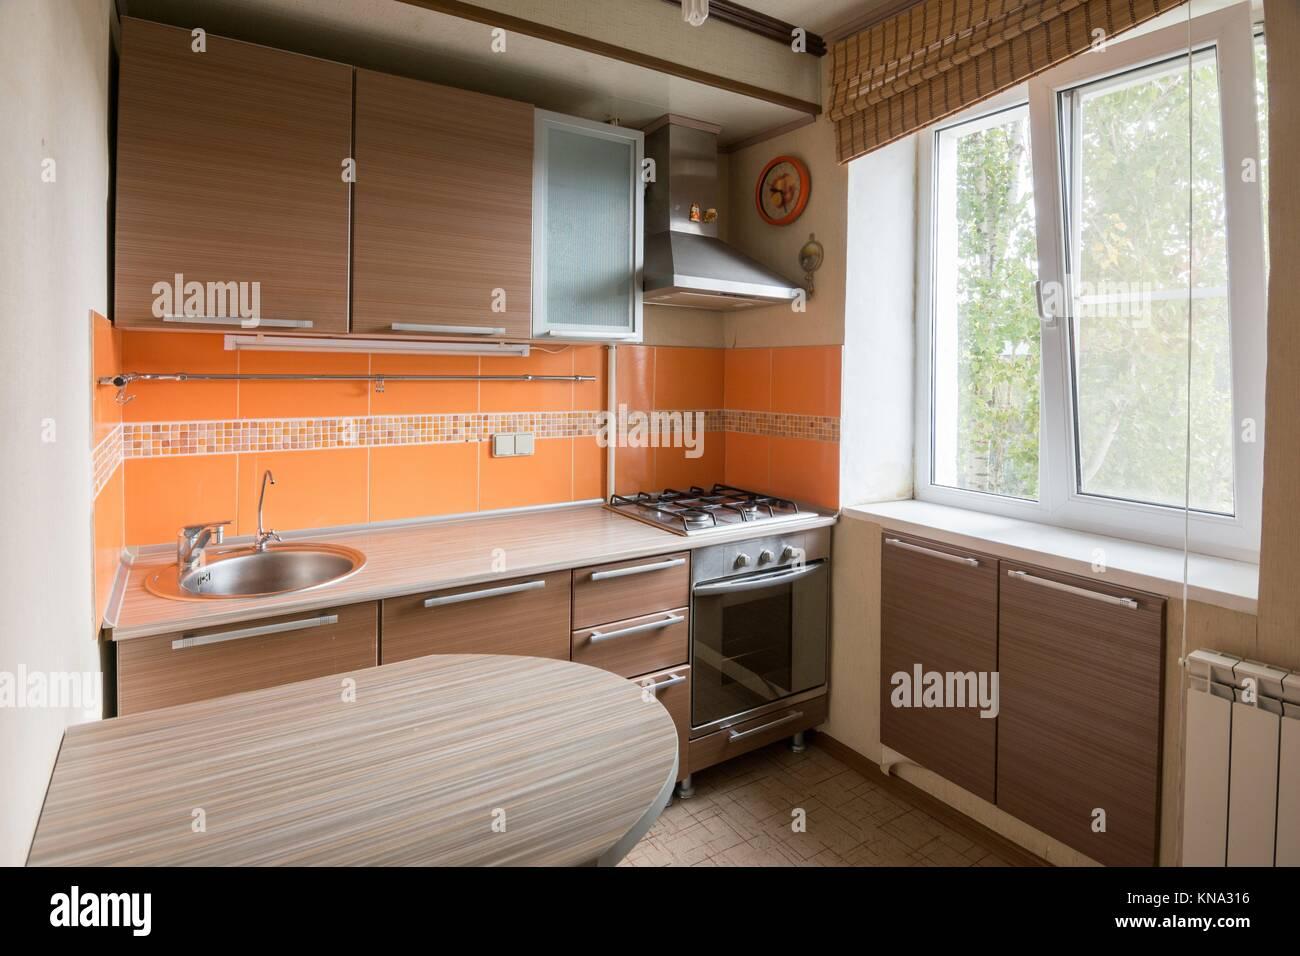 Der Innenraum eines leeren Küche zu verkaufen Stockfoto, Bild ...